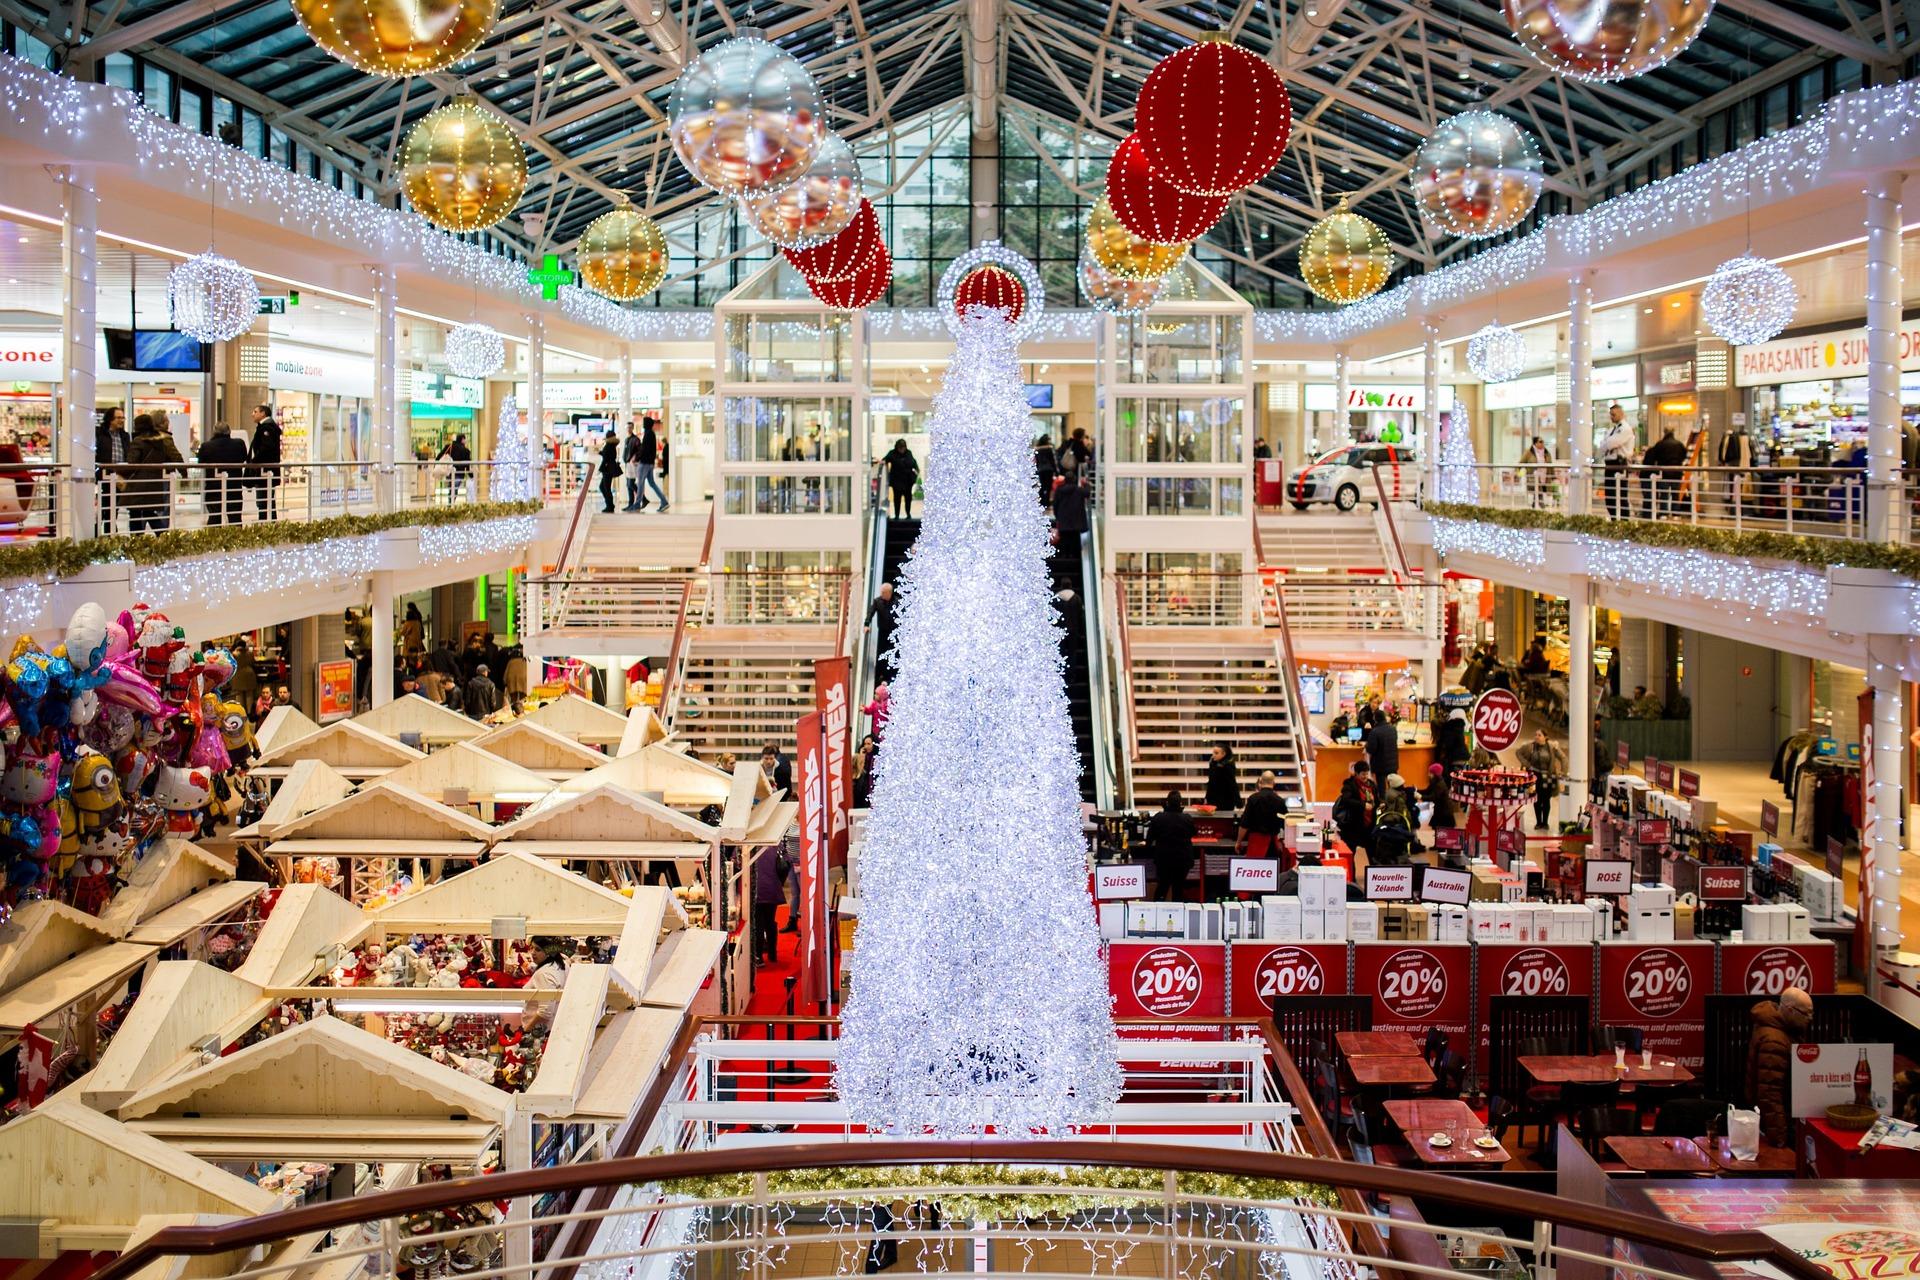 shopping-mall-2605815_1920_stocksnap